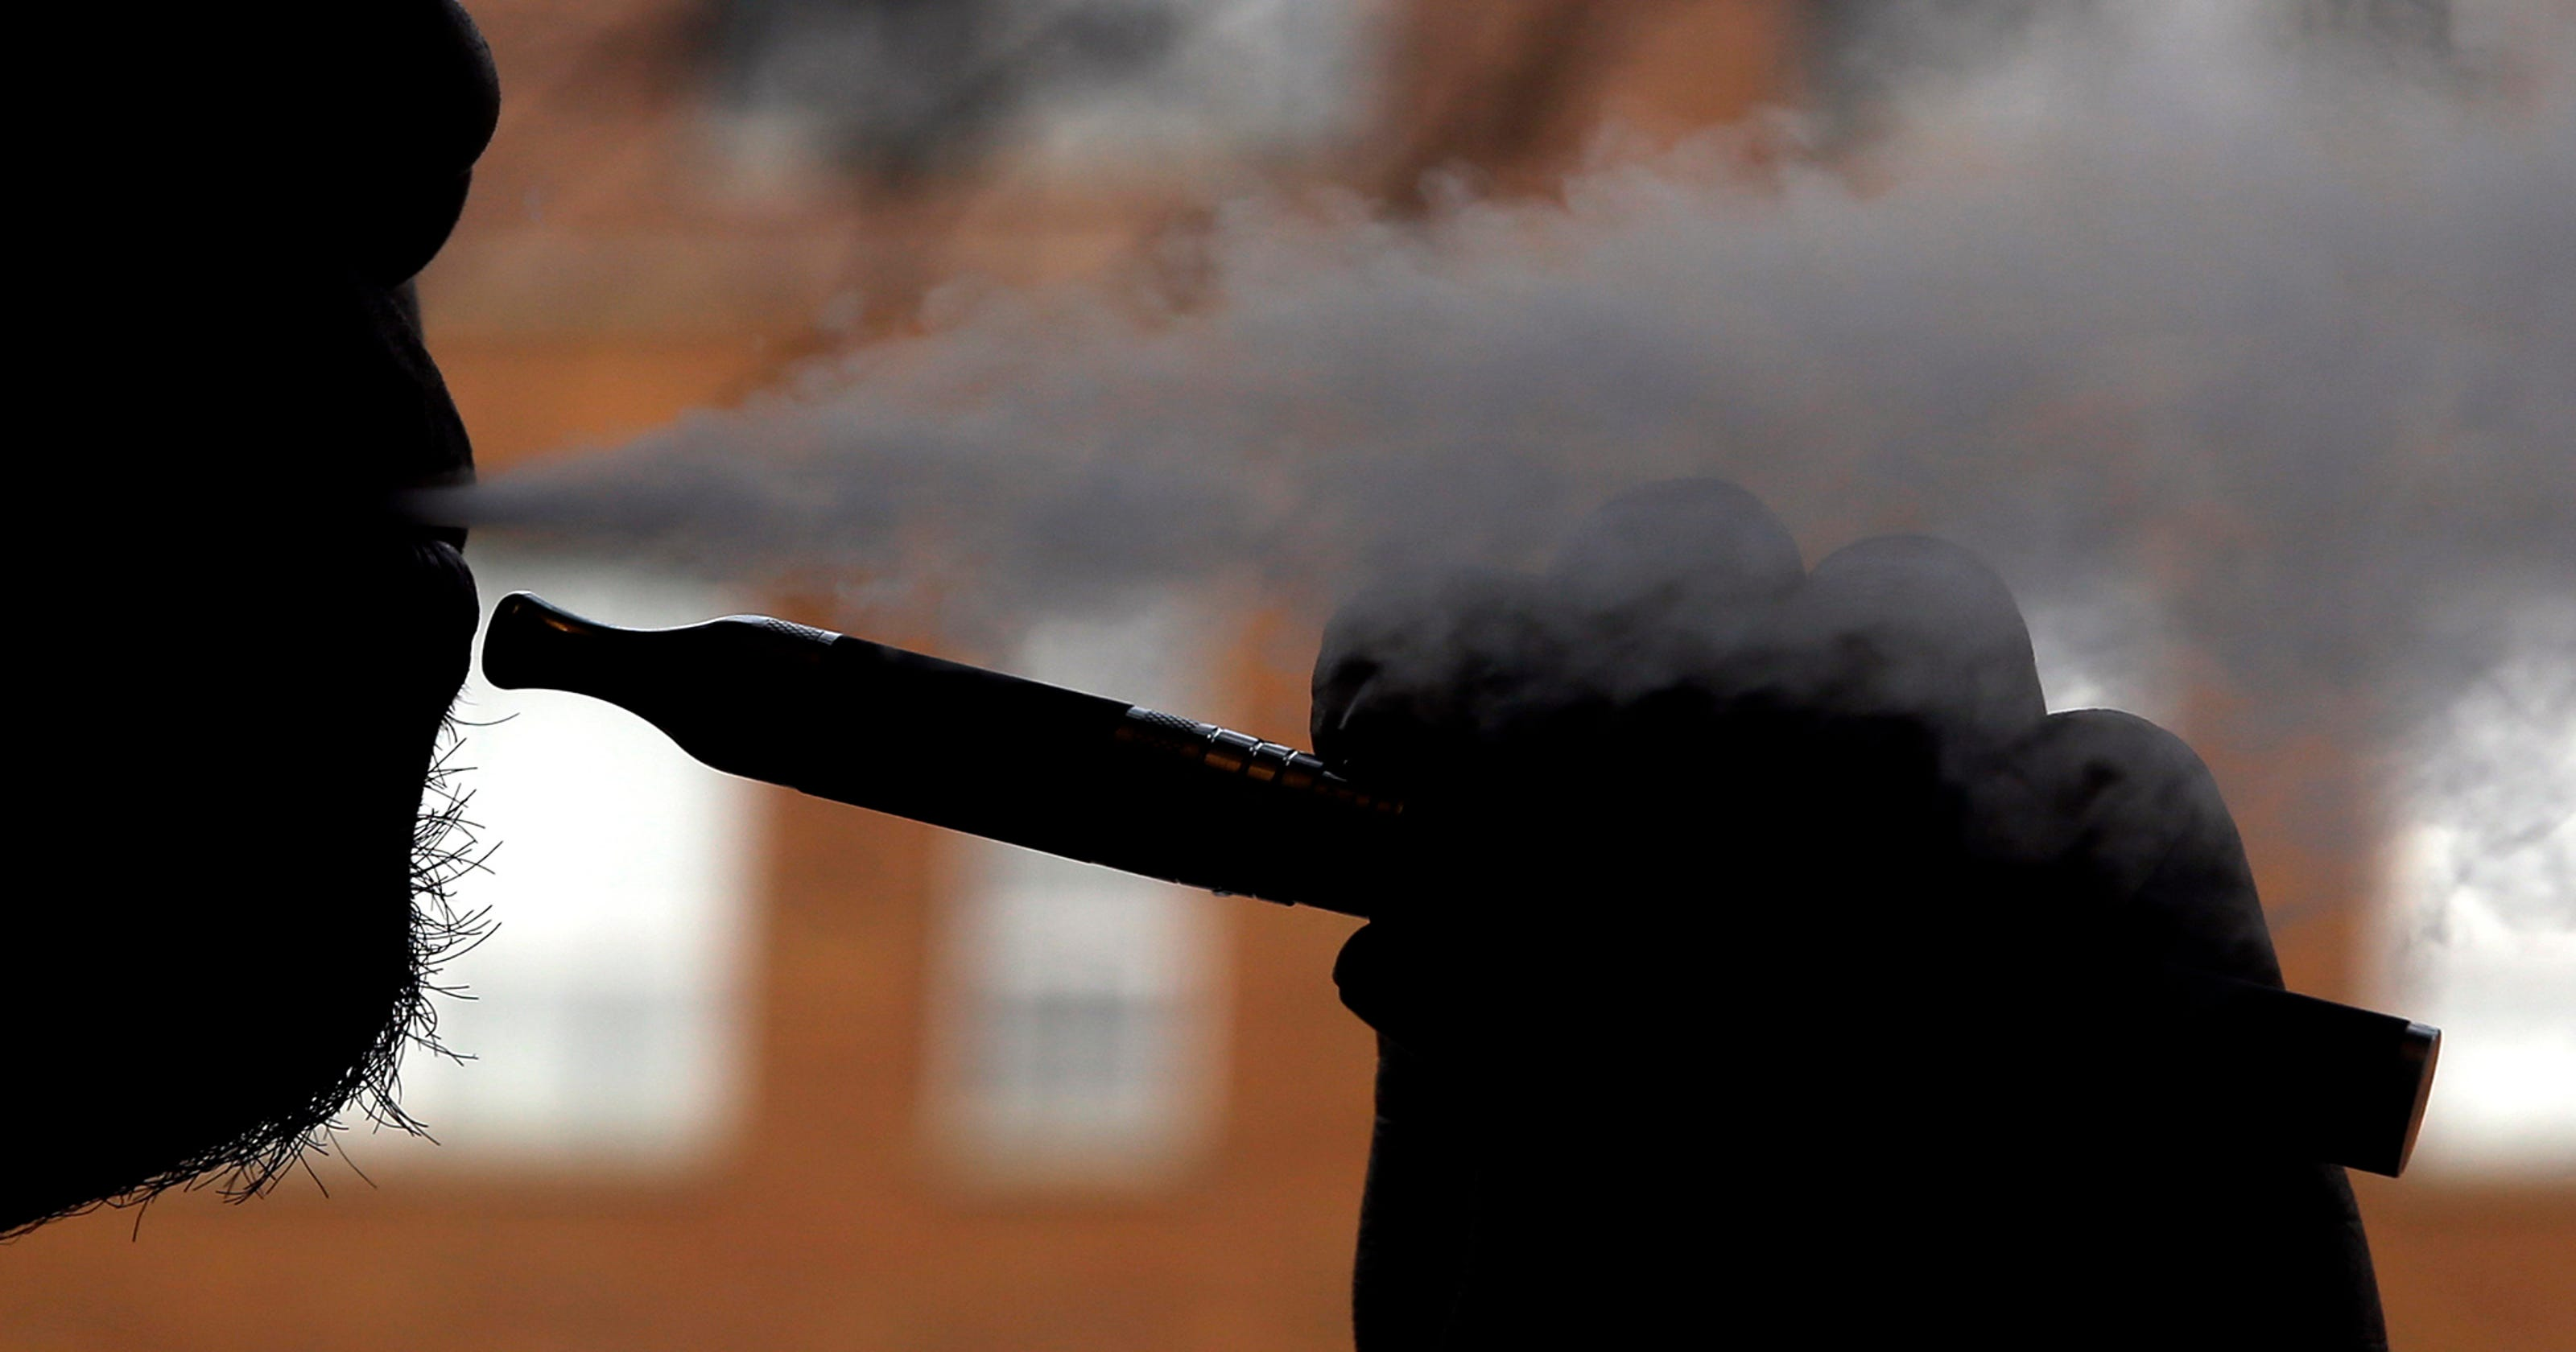 E-cigarette death: Man dies after vape pen explodes, hits